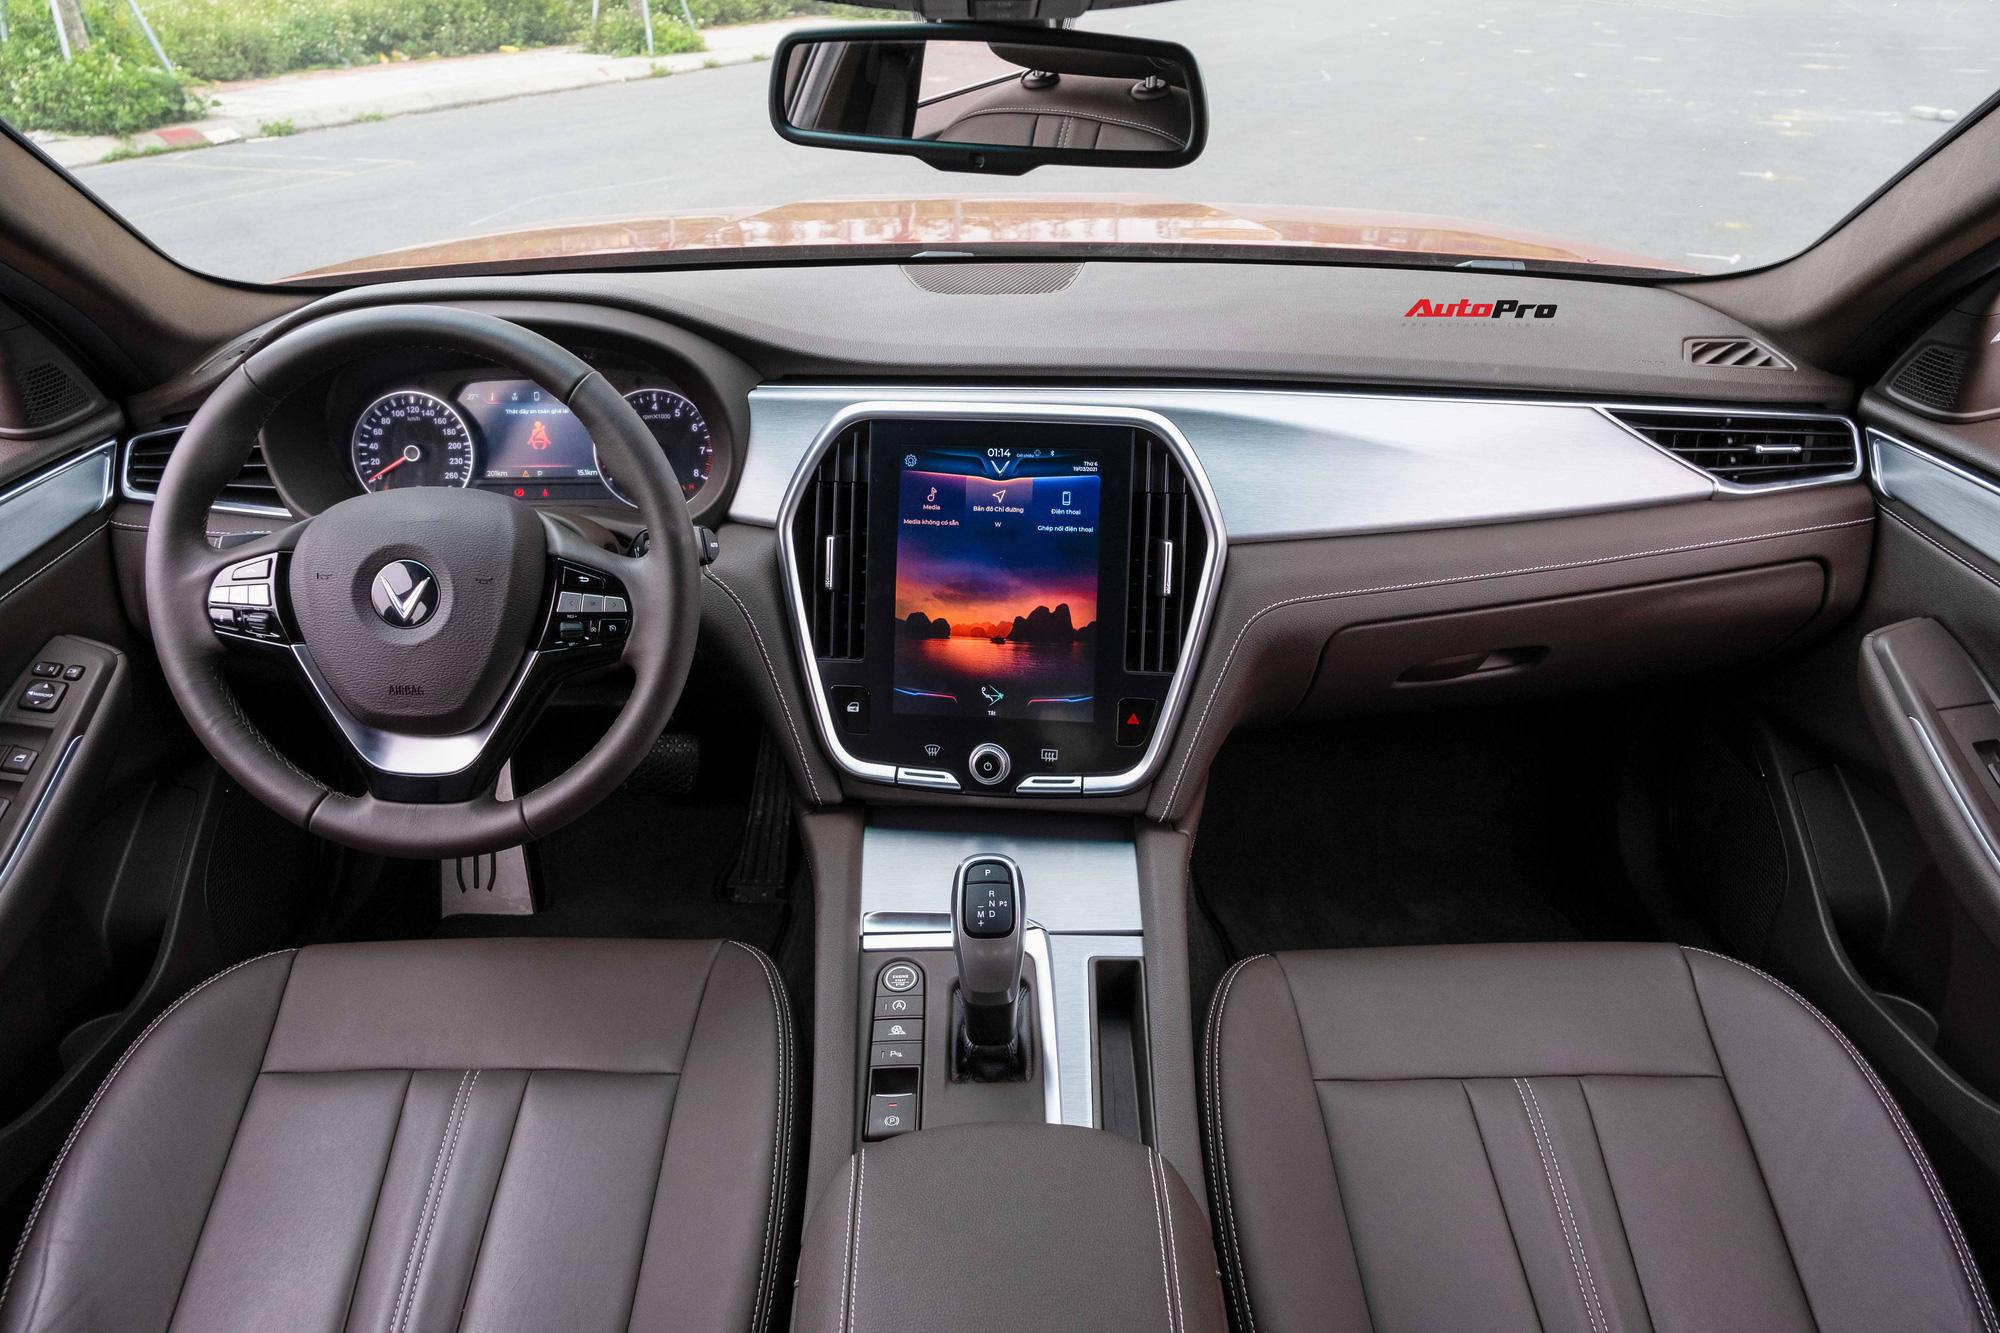 Vừa mua VinFast Lux A2.0 bản full , chủ xe chưa đi đăng kí đã bán với giá rẻ hơn Toyota Camry - Ảnh 4.